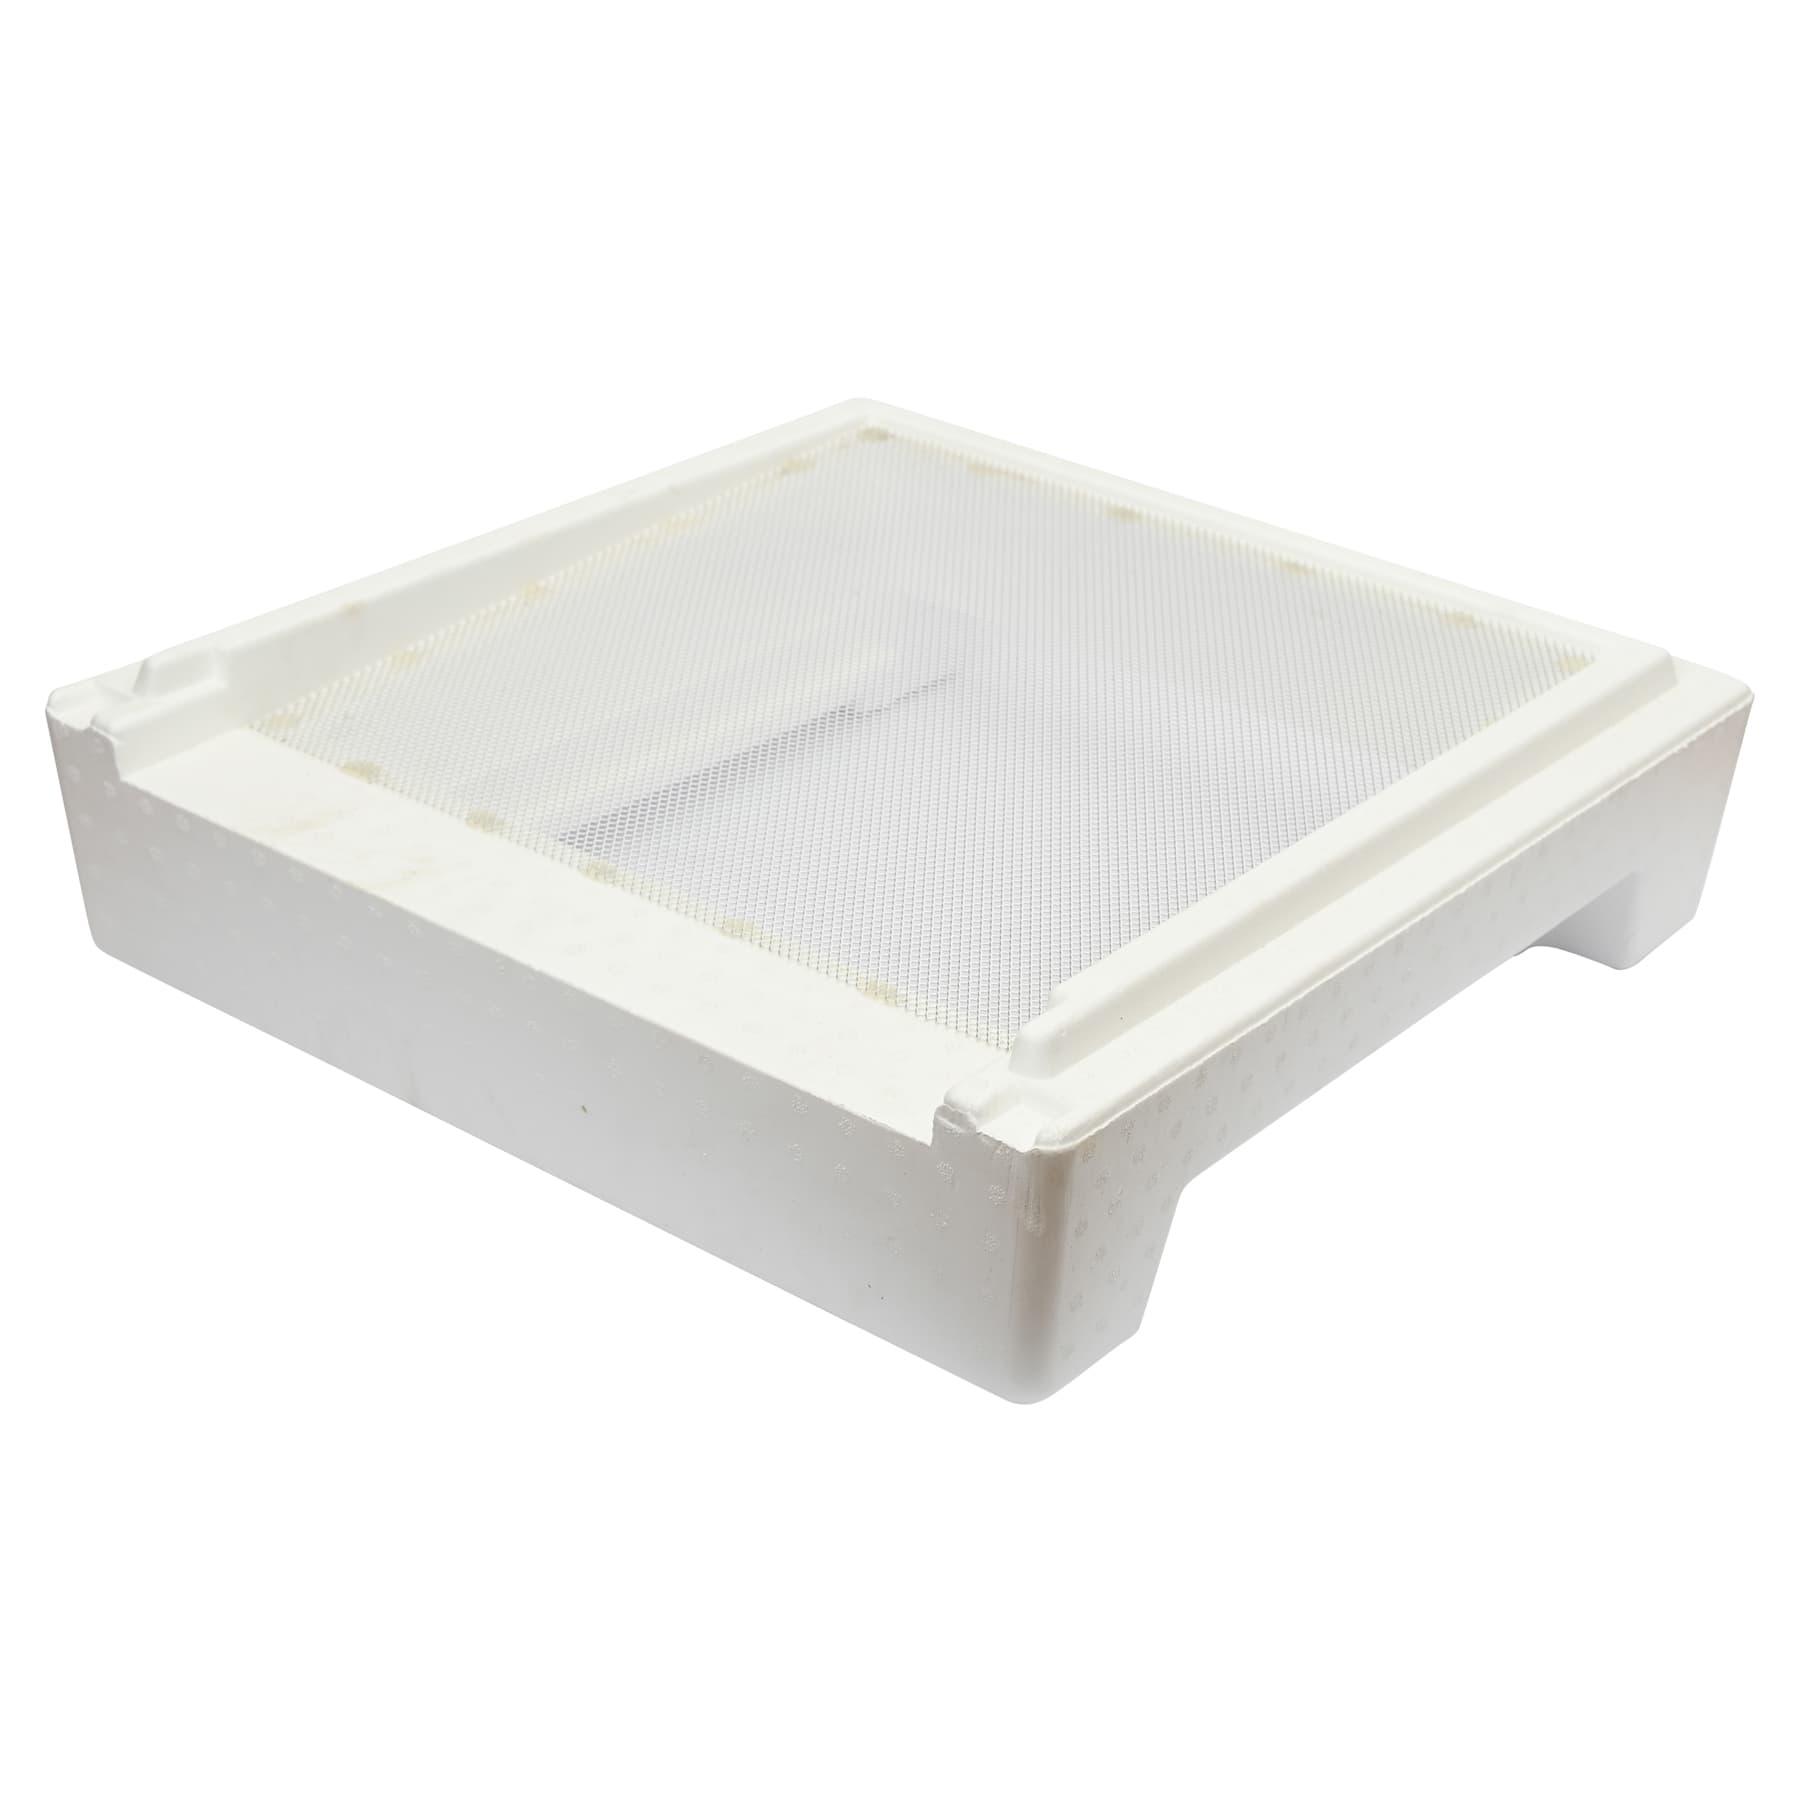 Segeberger Universalboden mit Kunststoffgitter ohne Rahmen (von Stehr)